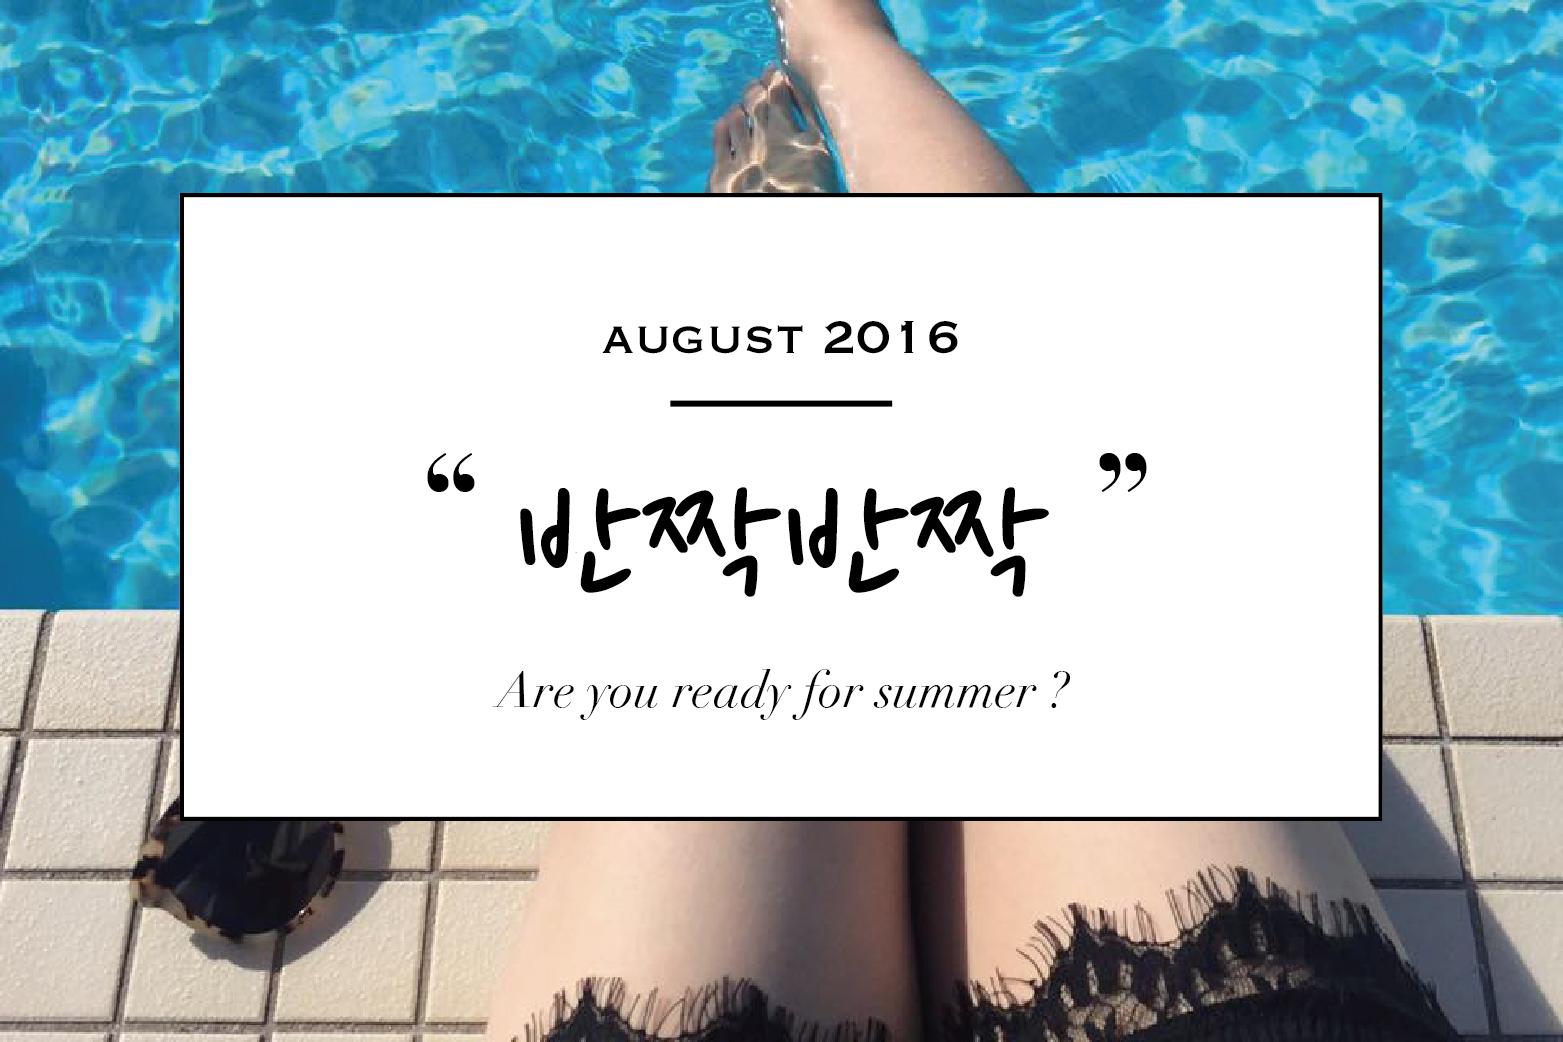 【8月のテーマ】真夏にピッタリの반짝반짝(パンチャッパンチャッ)/キラキラ☆